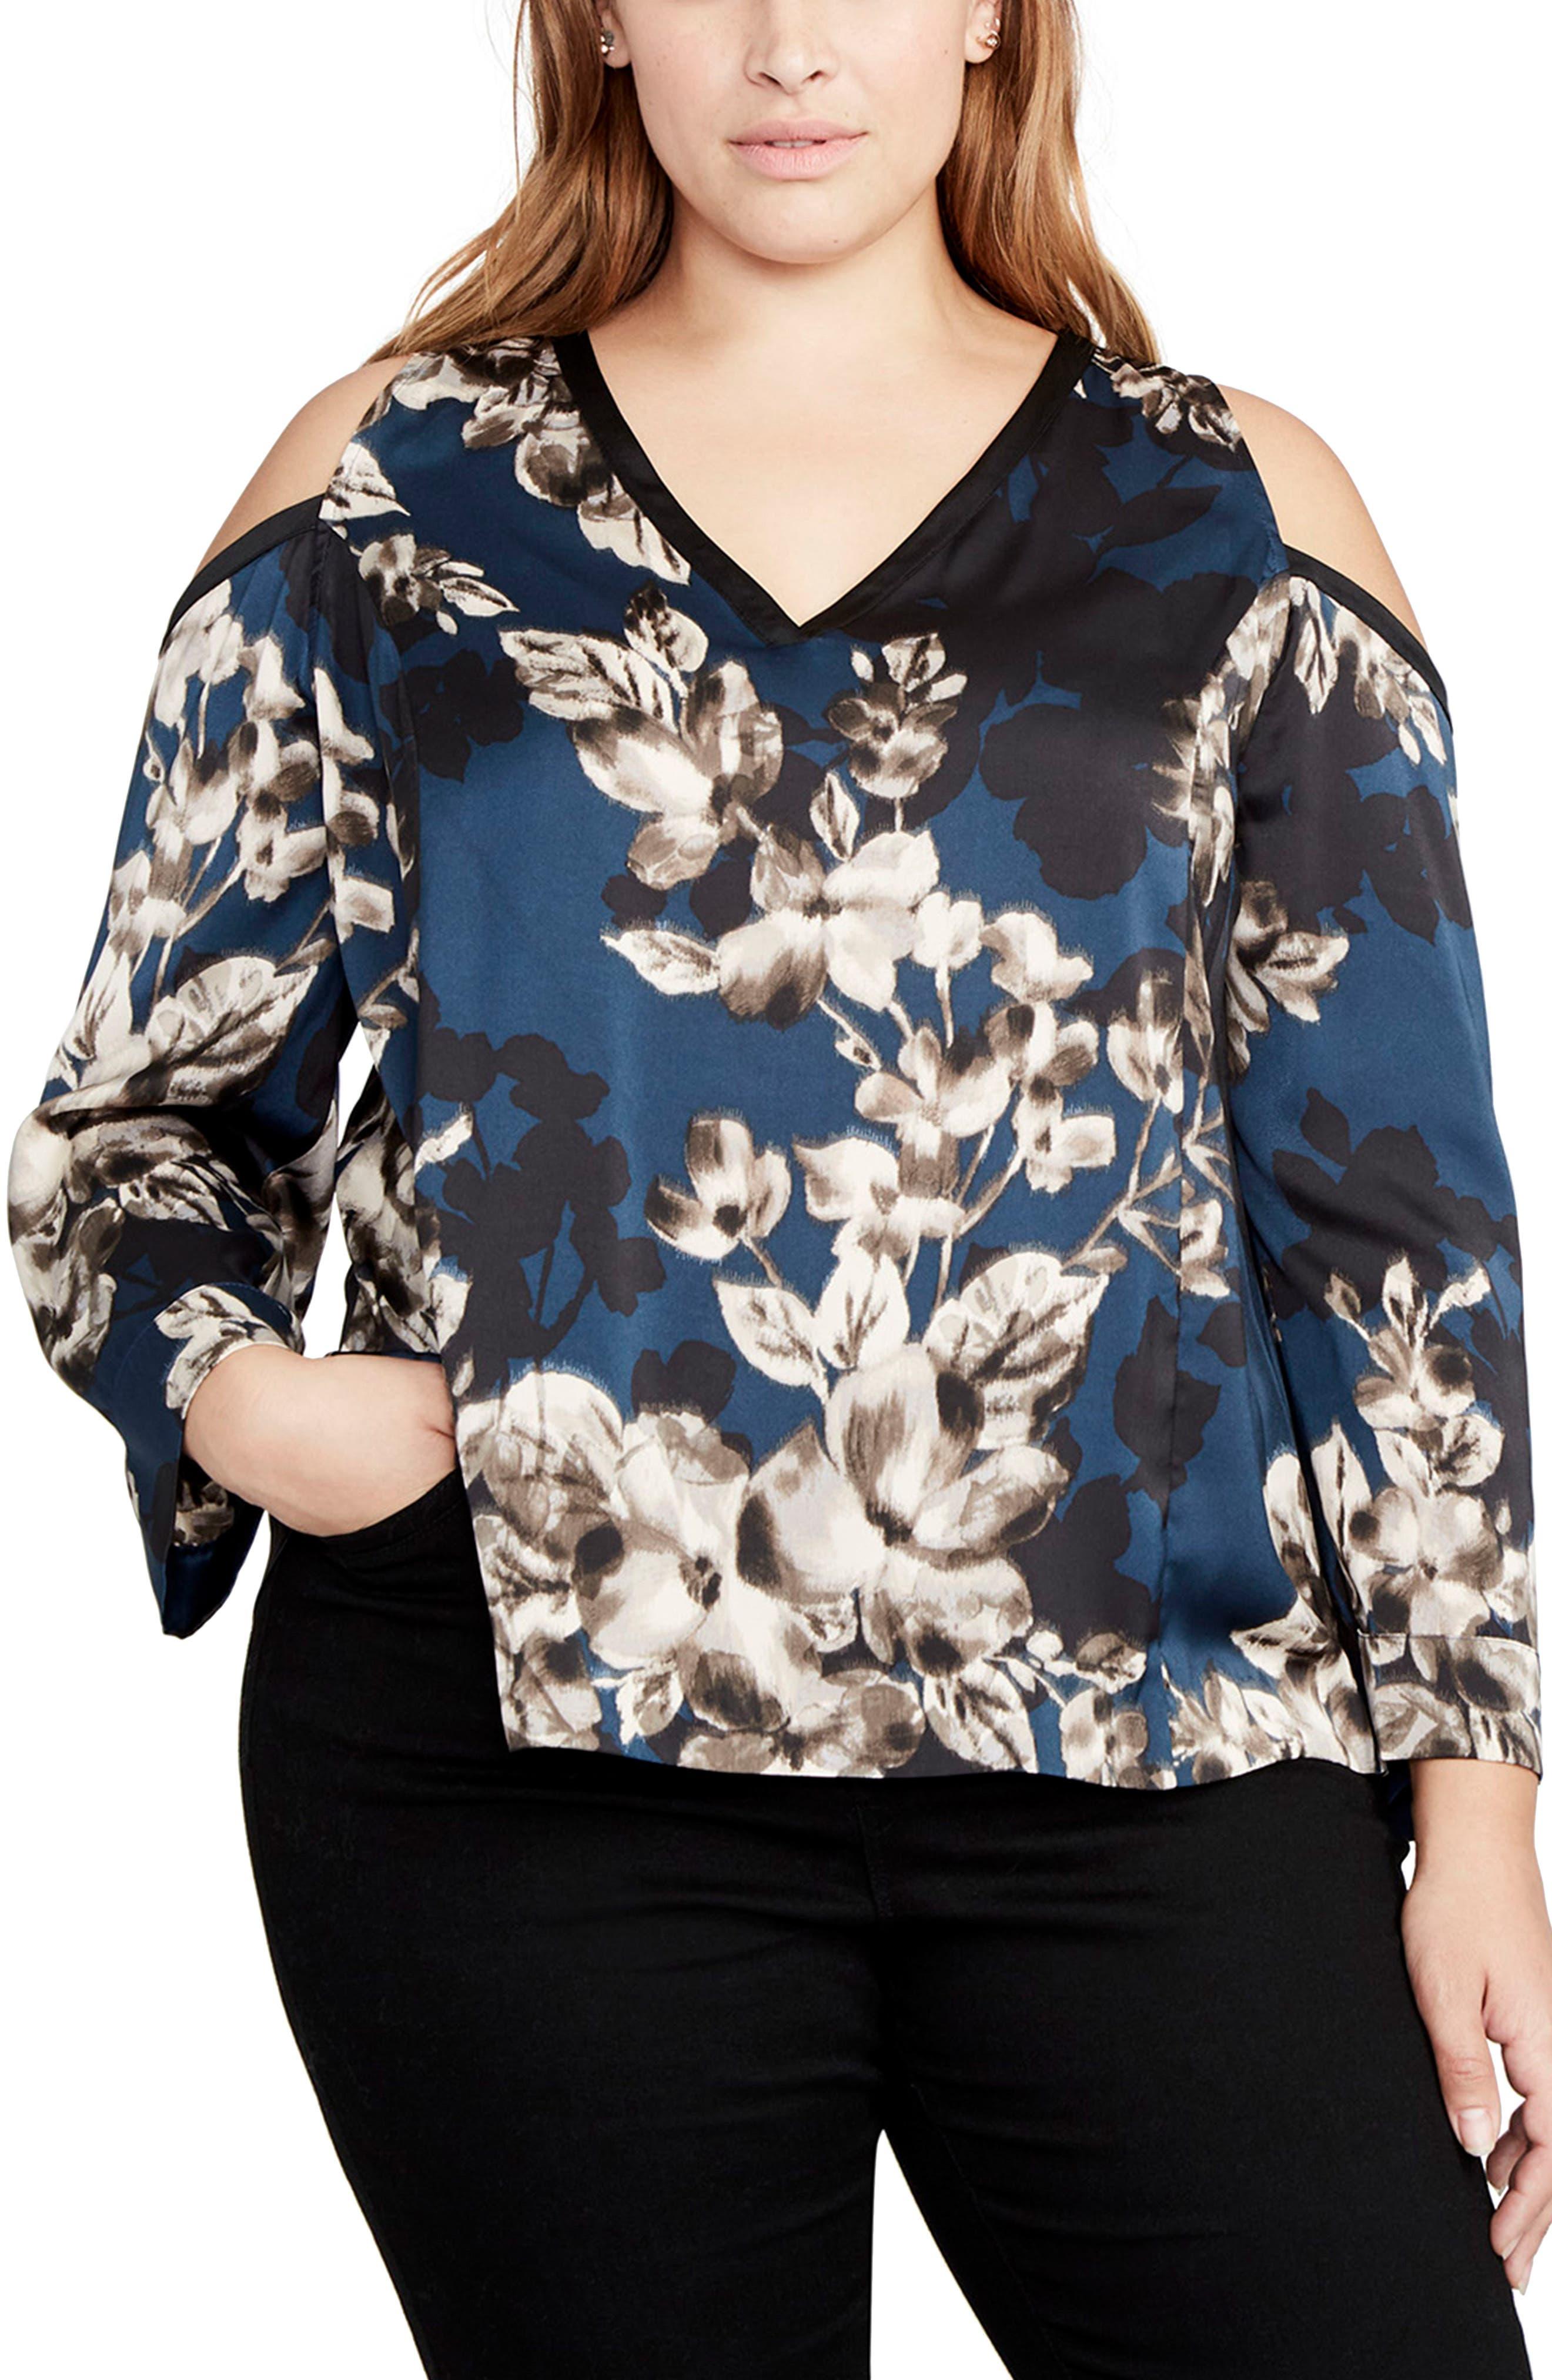 Main Image - RACHEL Rachel Roy Floral Cold Shoulder Top (Plus Size)